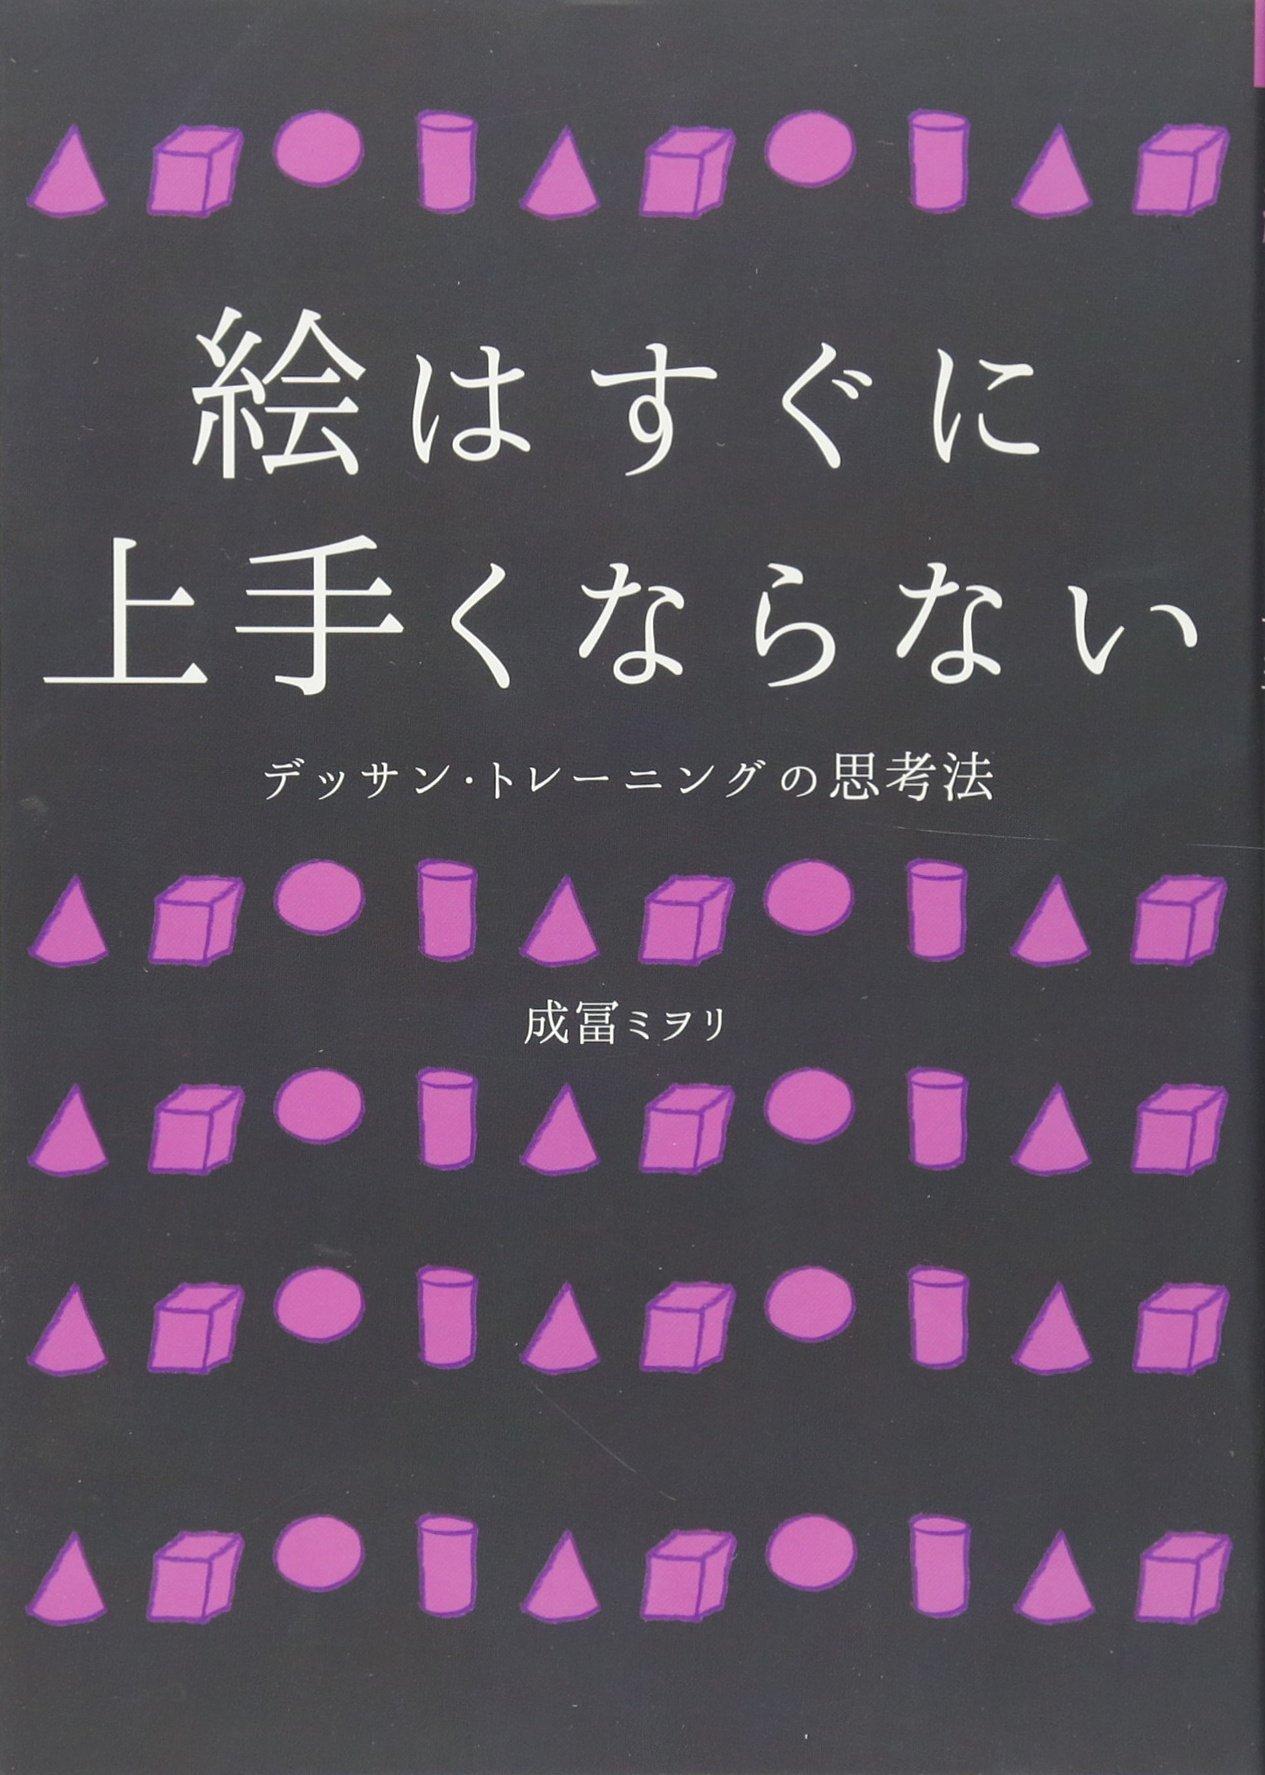 成冨ミヲリ絵はすぐにうまくならない表紙